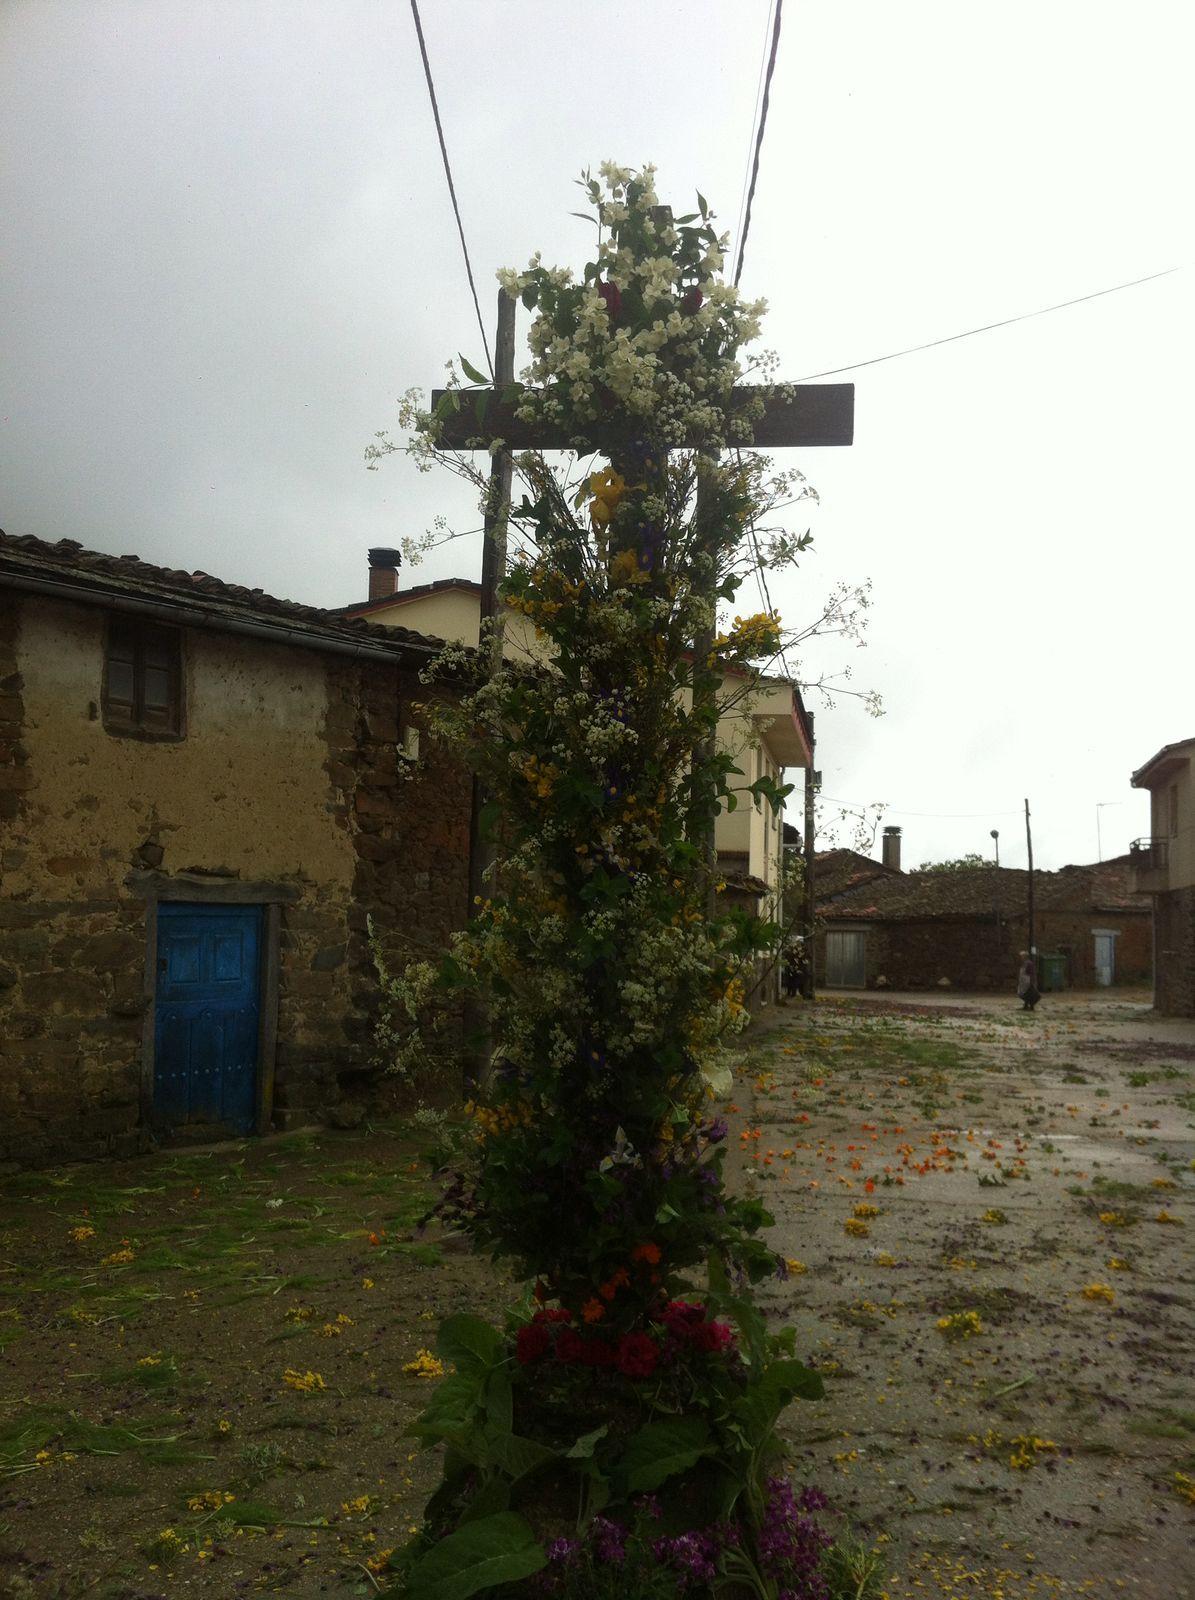 Celebración del Corpus Christi en Gallegos del Campo Las Obreras de Aliste miel